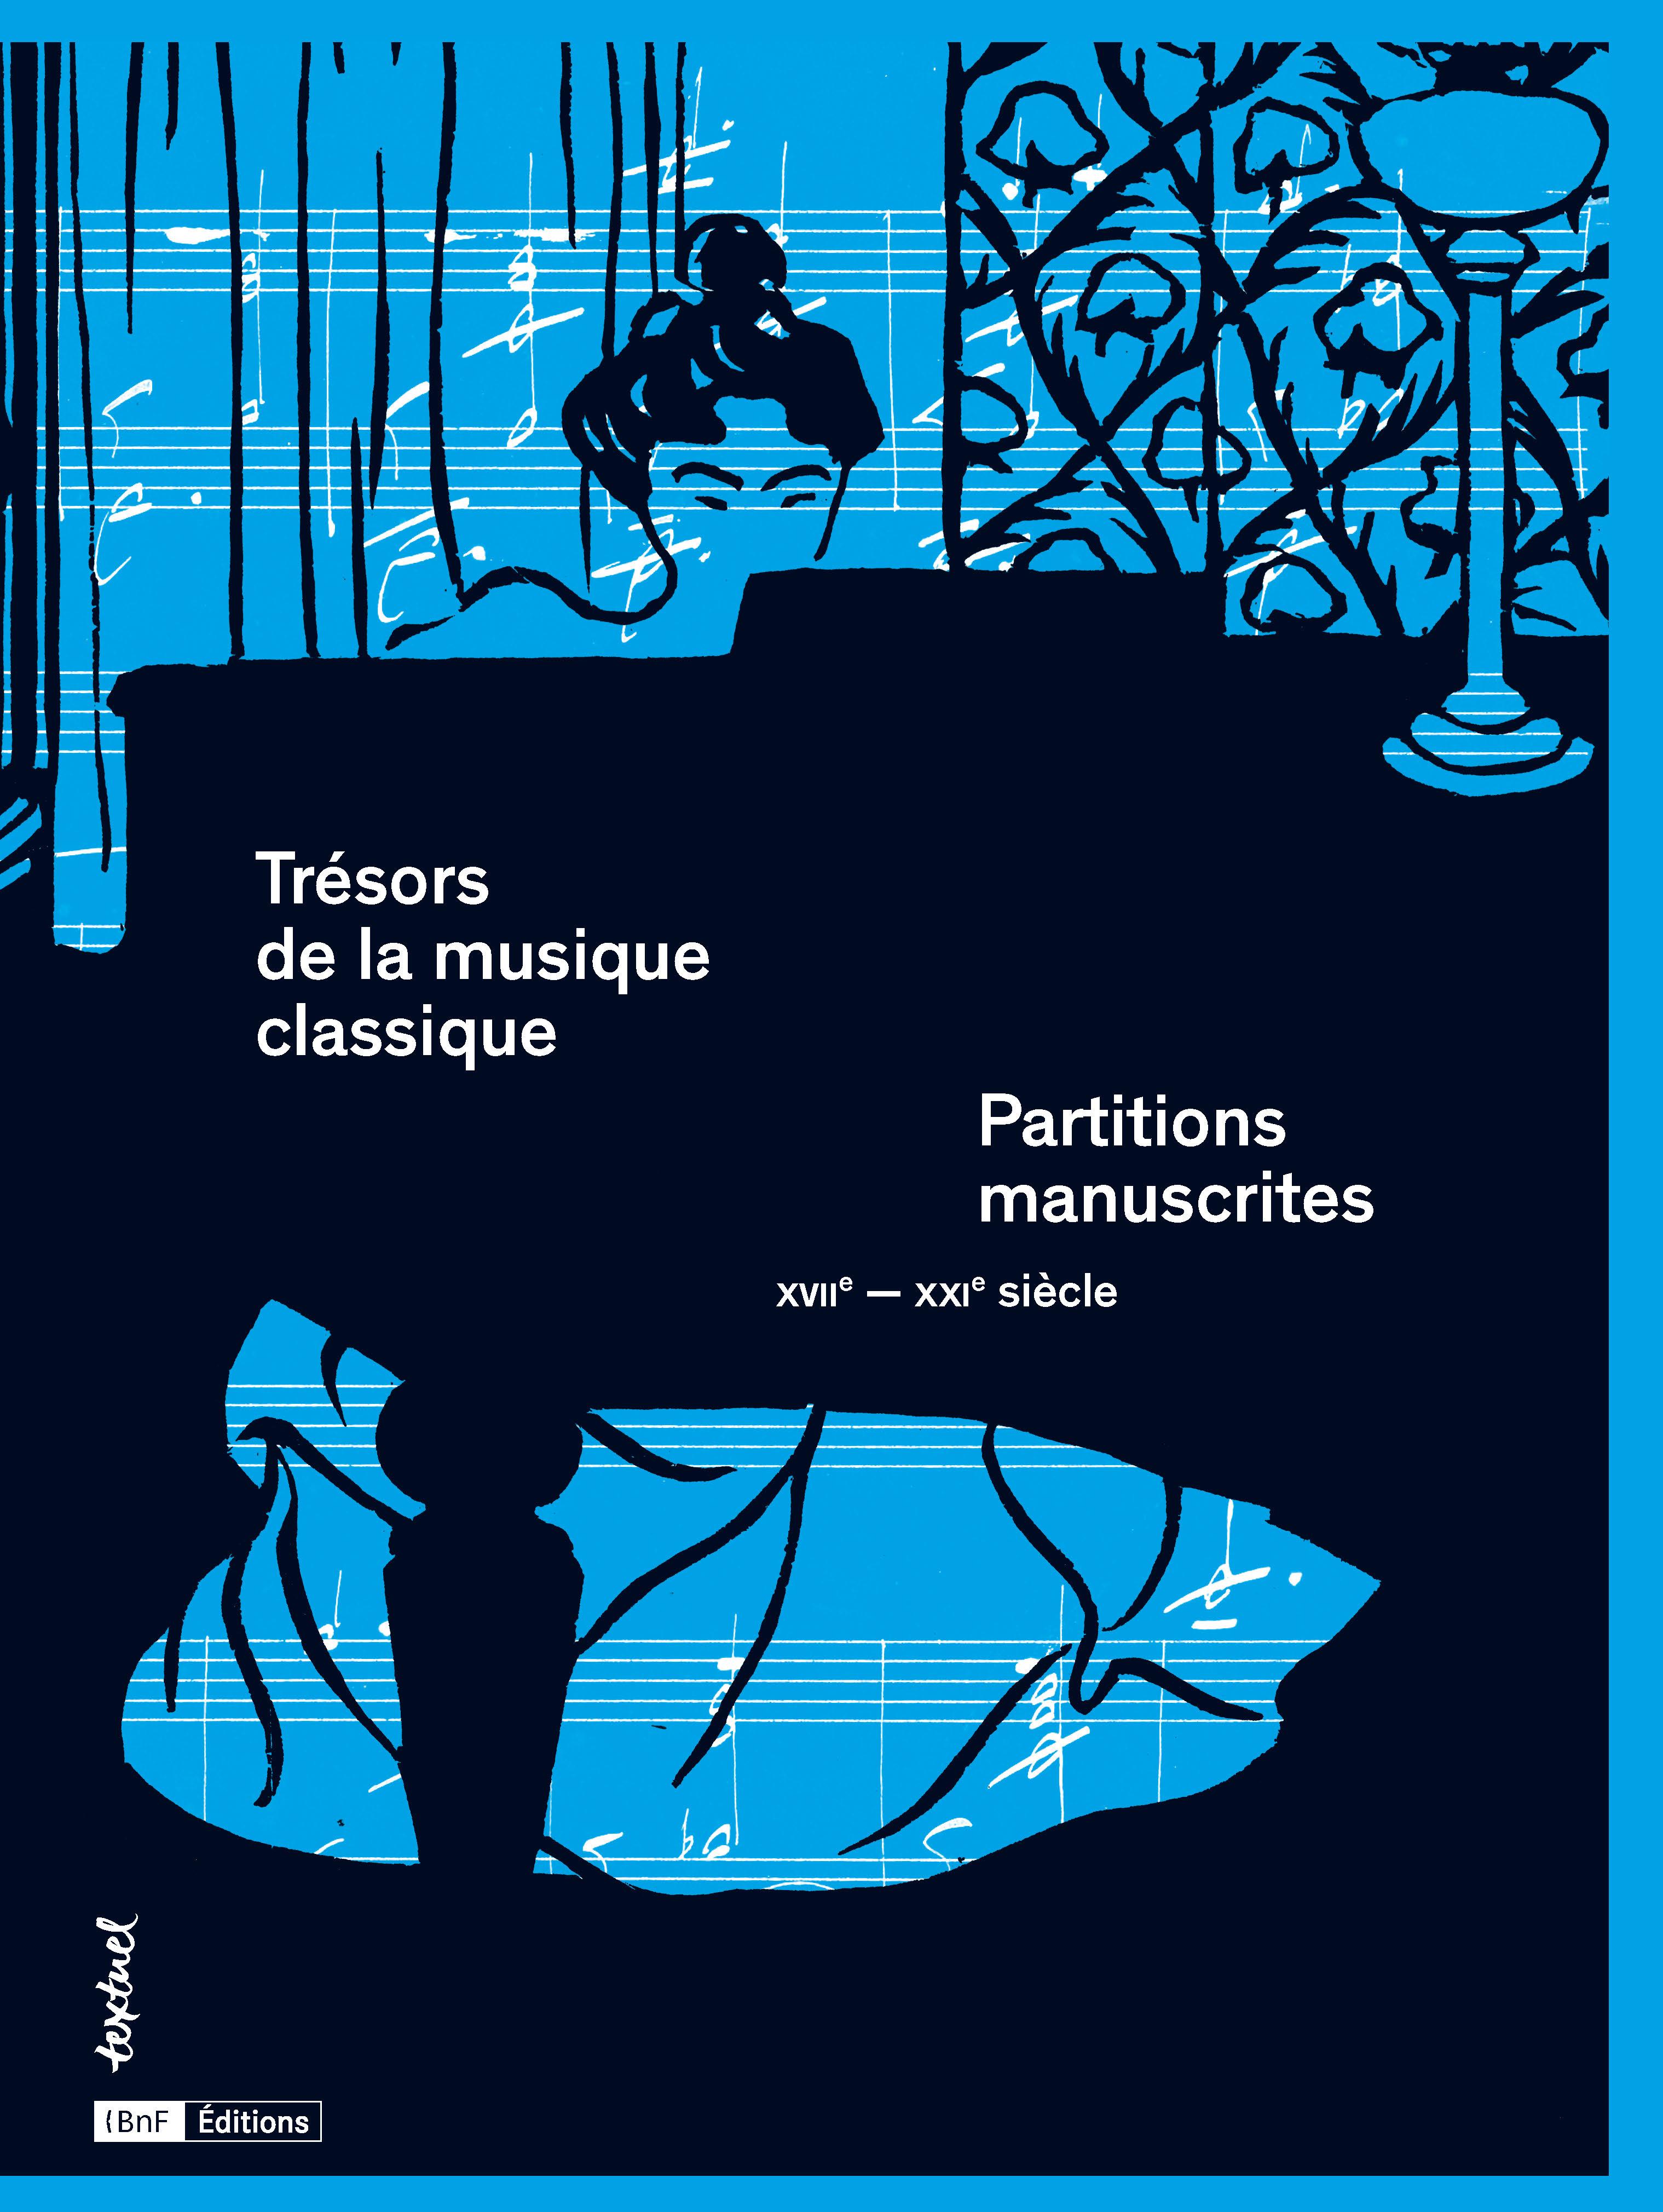 couv trésors musique classique